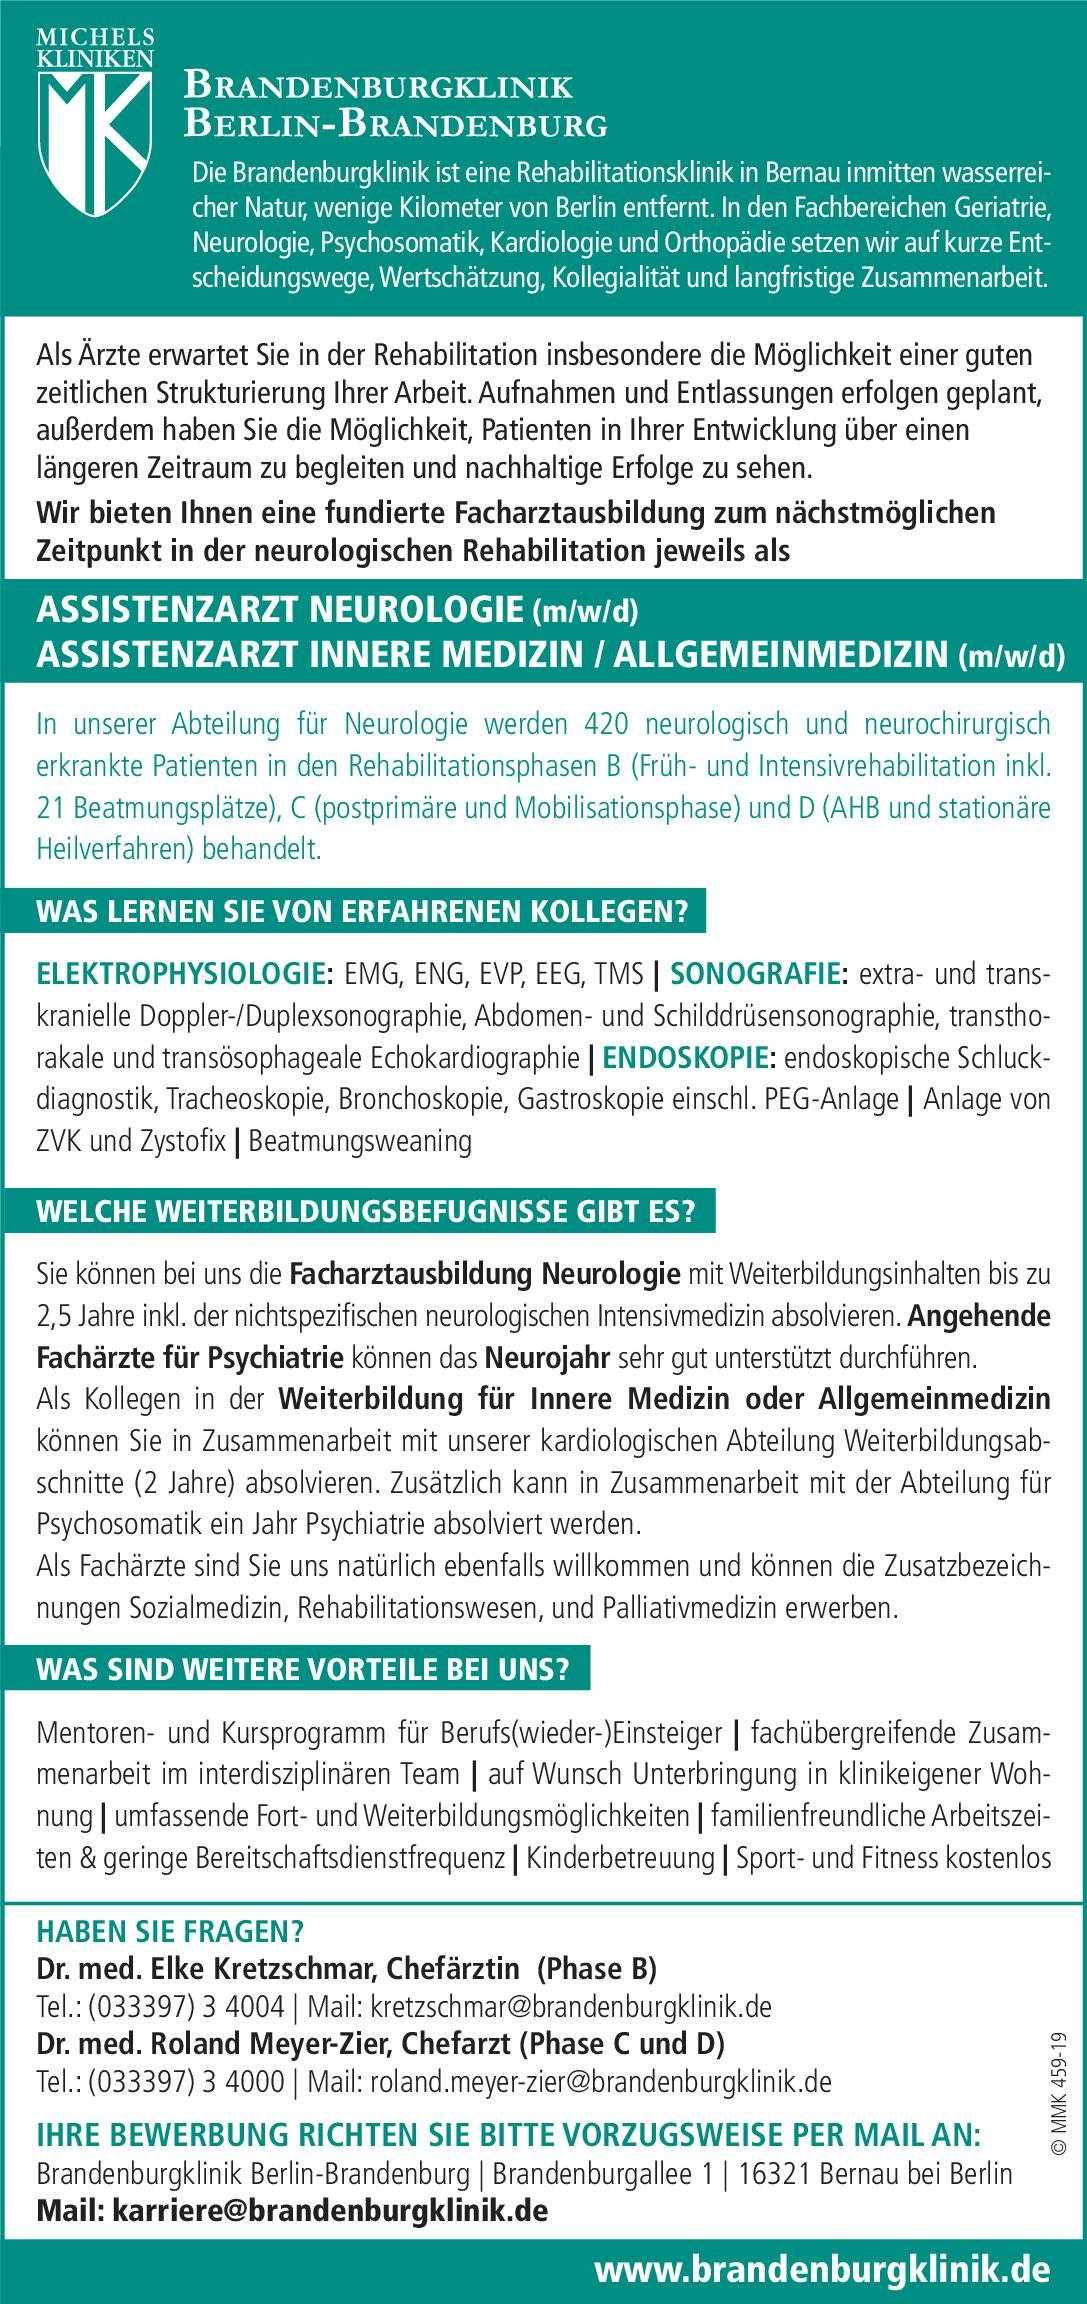 Brandenburgklinik Berlin-Brandenburg Assistenzarzt Psychiatrie (m/w/d)  Psychiatrie und Psychotherapie, Psychiatrie und Psychotherapie Assistenzarzt / Arzt in Weiterbildung